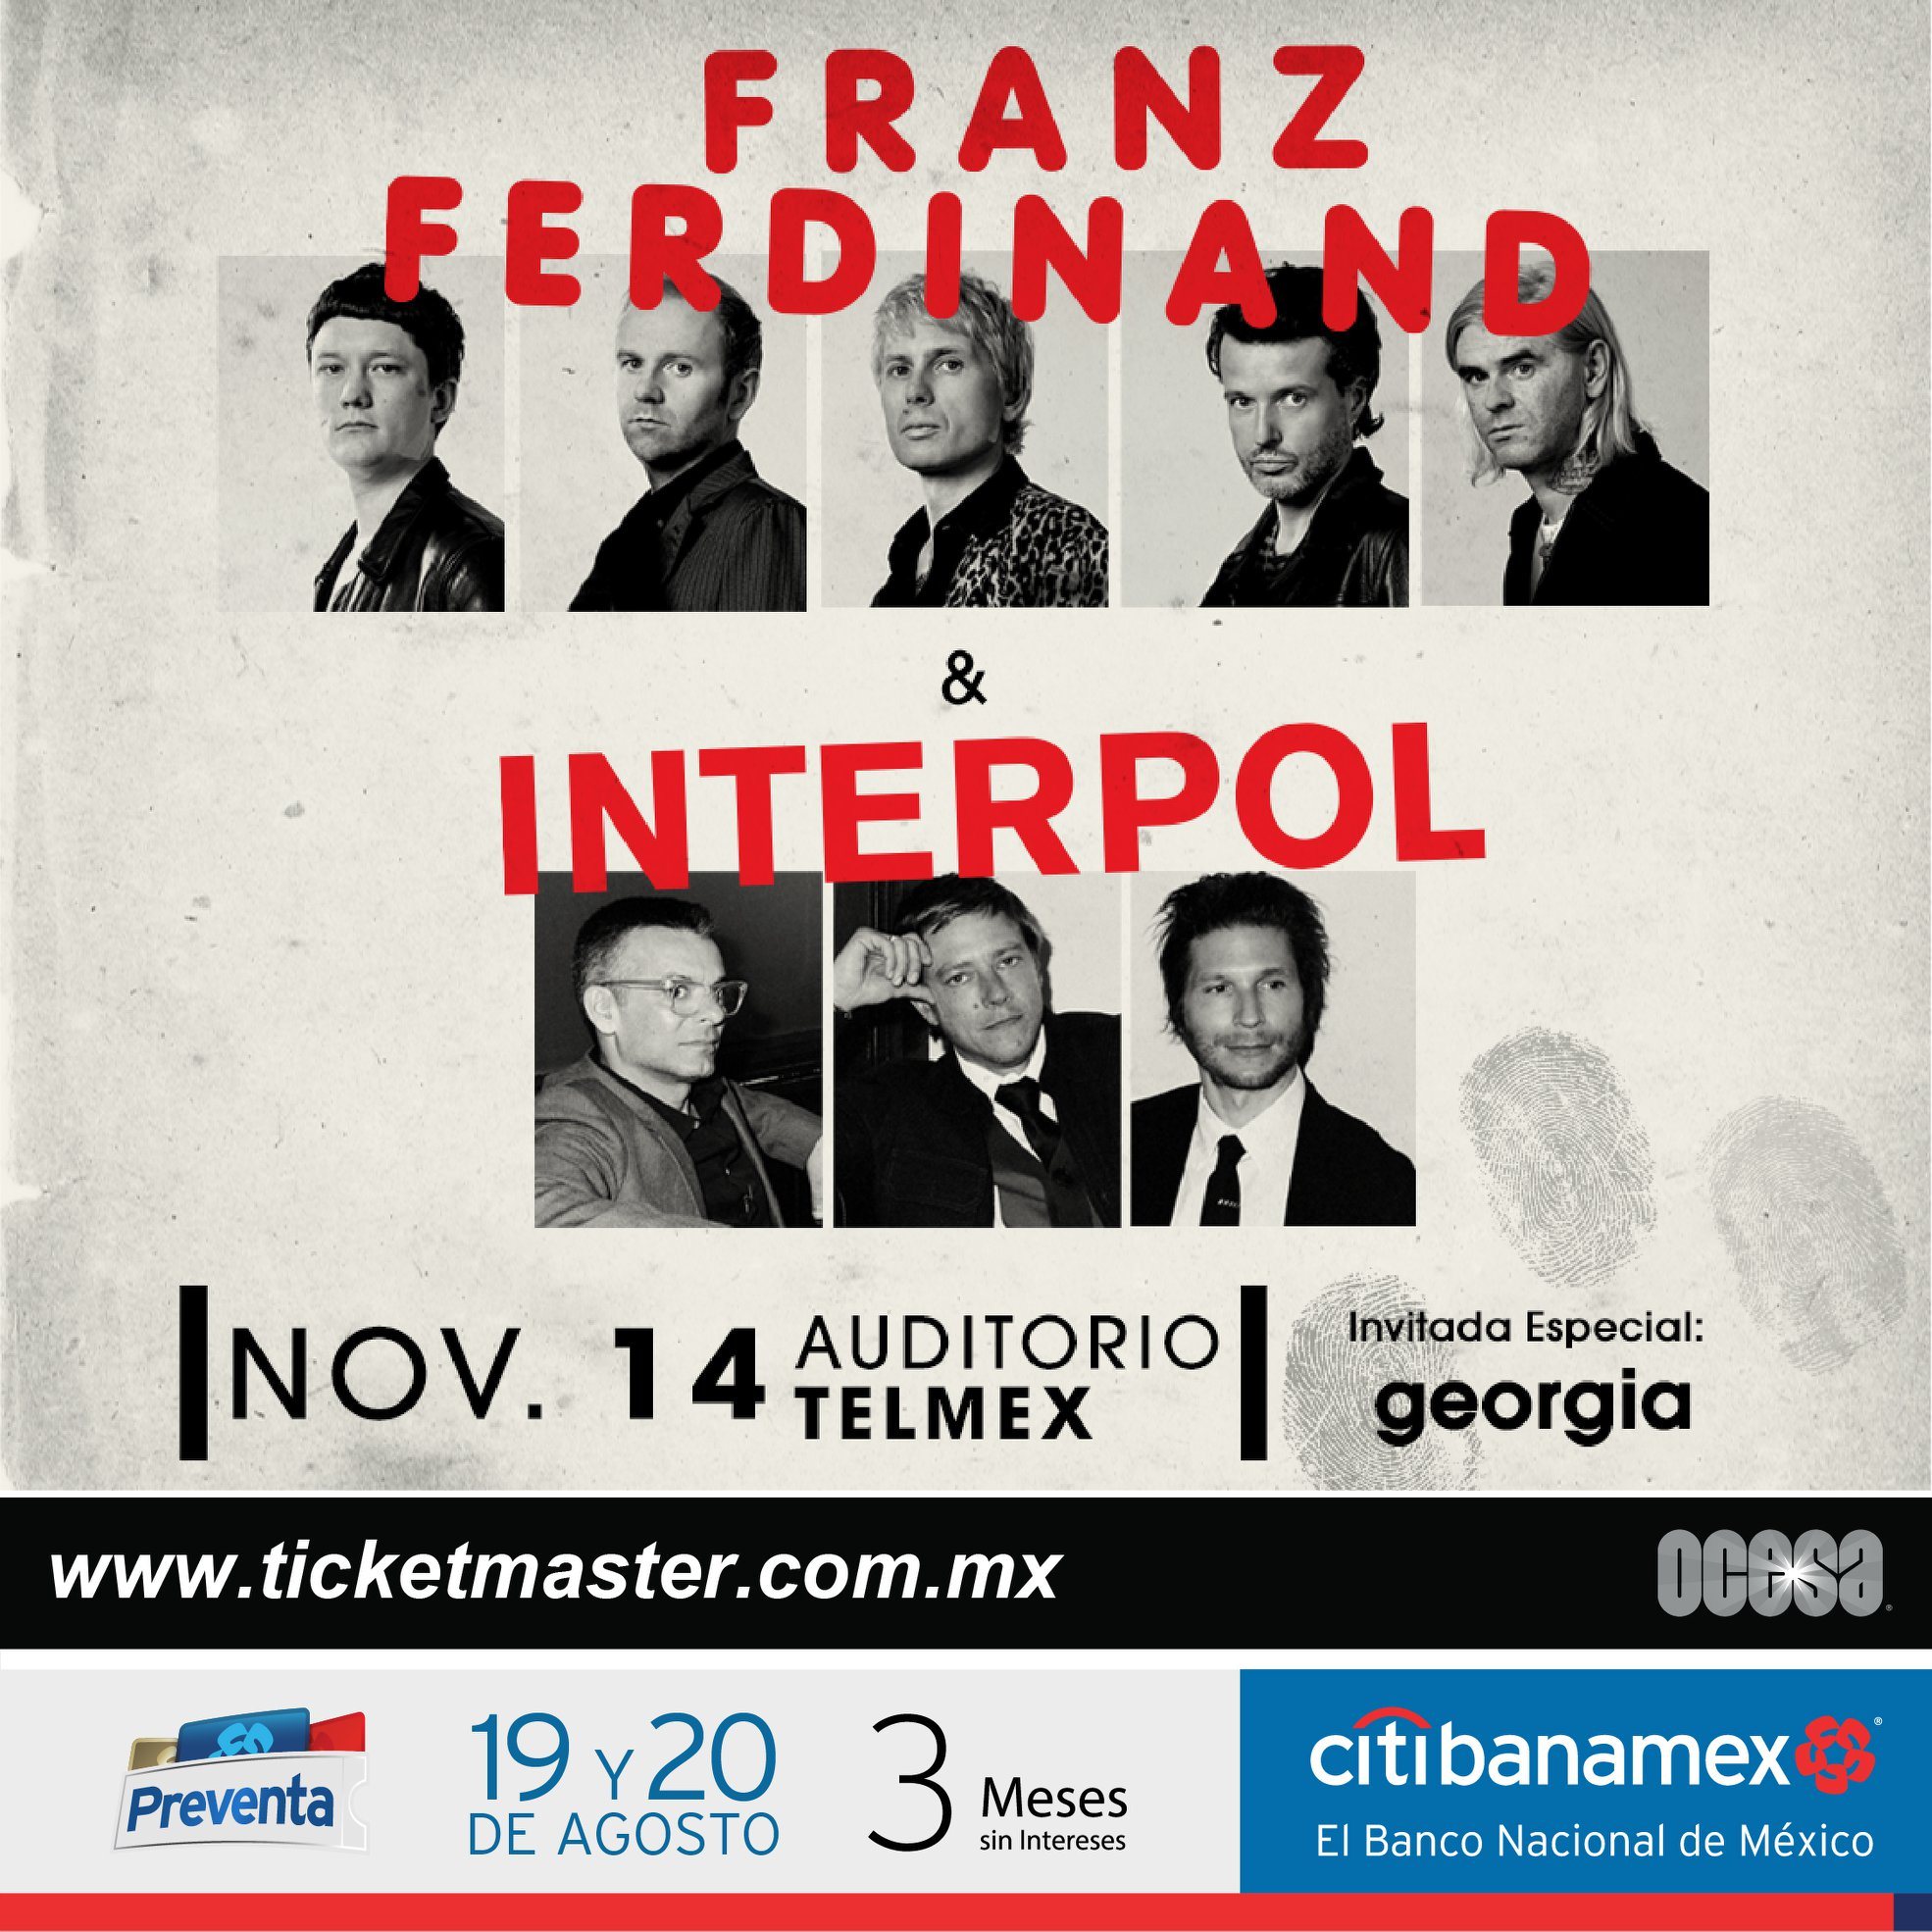 Interpol & Franz Ferdinand, 14 de Noviembre en Auditorio Telmex